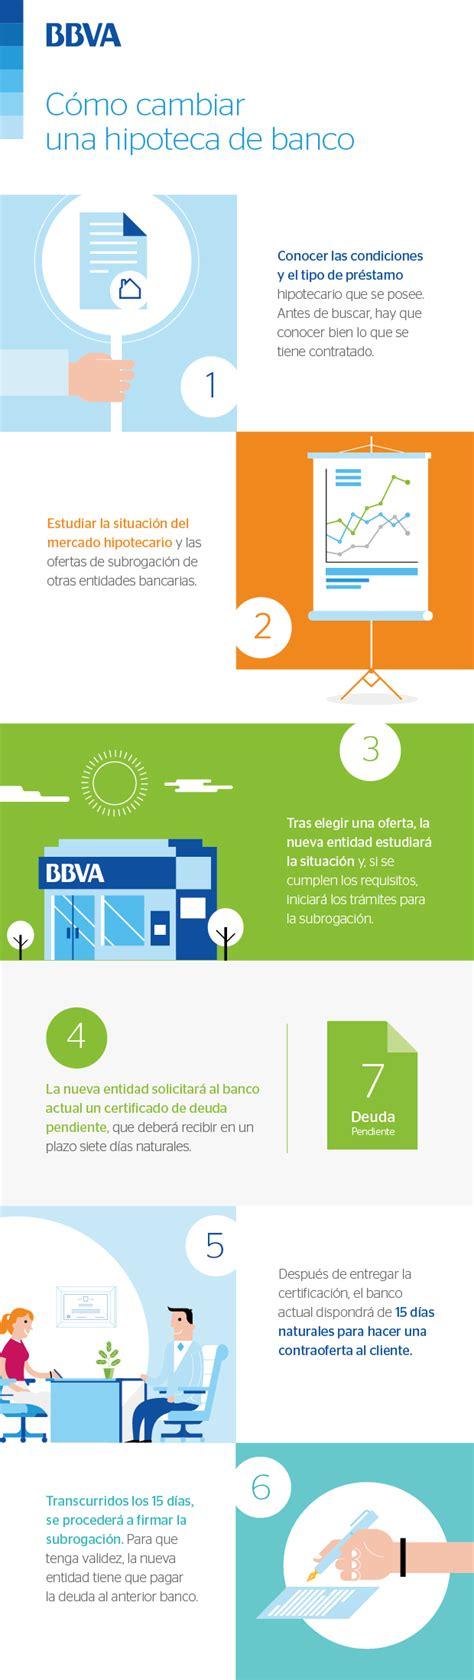 Cómo cambiar una hipoteca de banco - BBVA.es